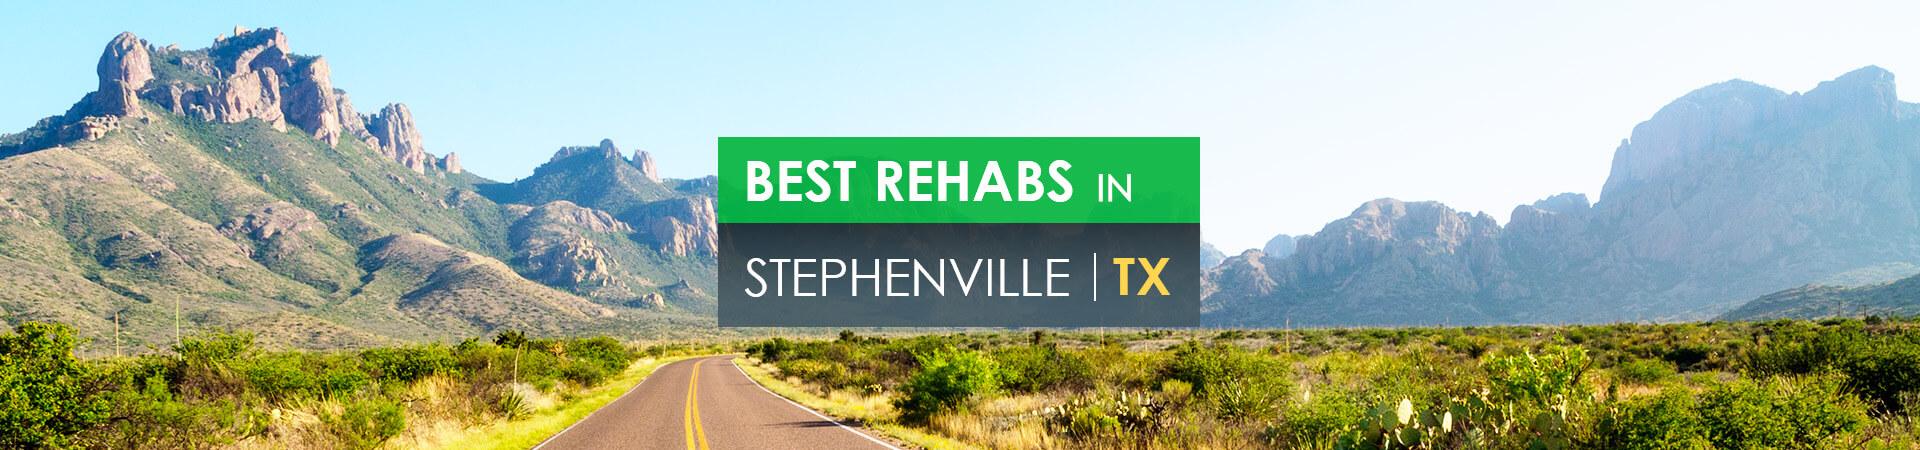 Best rehabs in Stephenville, TX